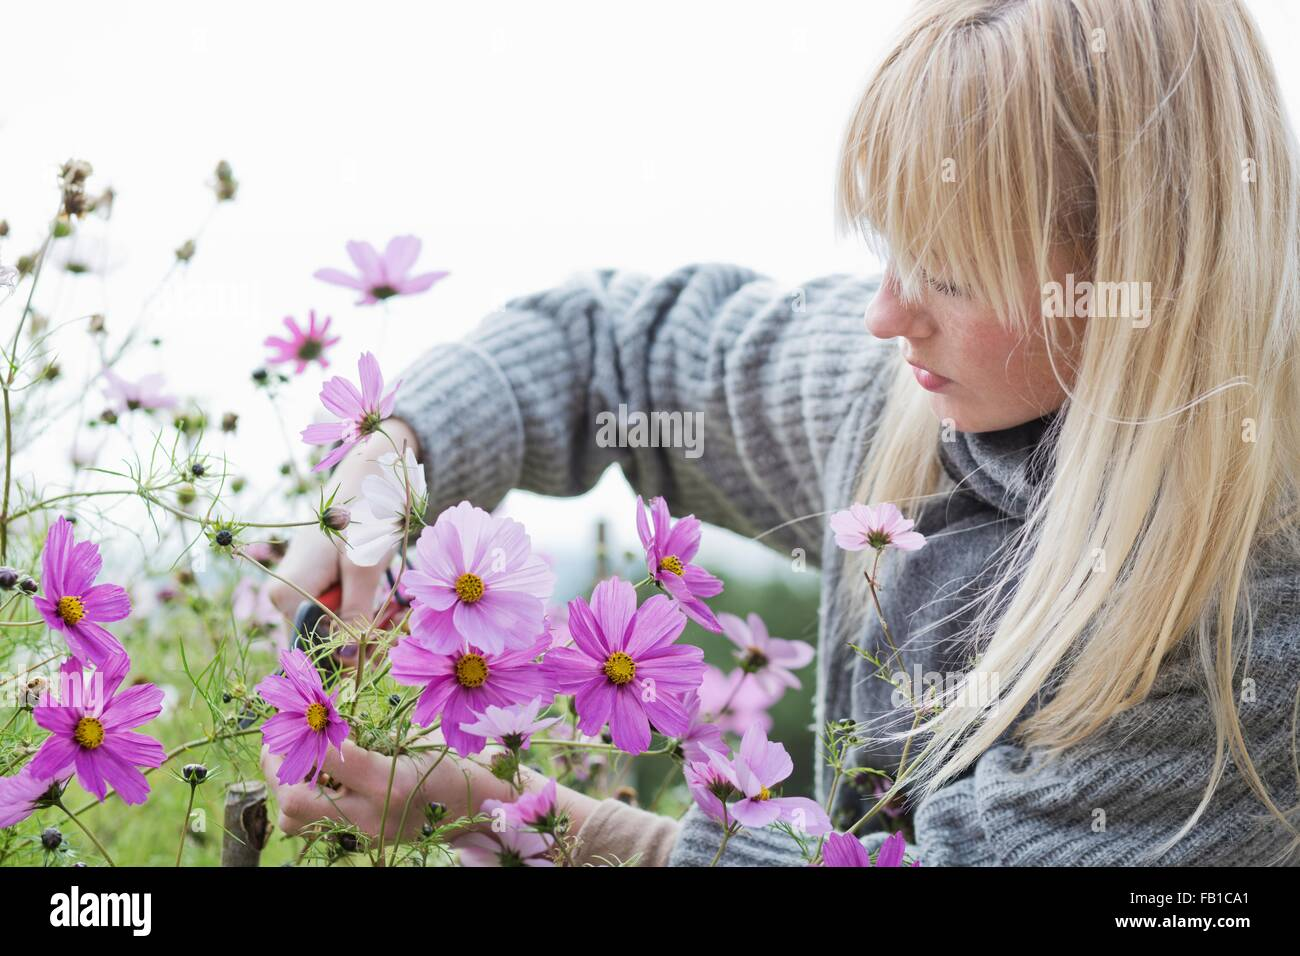 Mitte adult Frauenbeschneidung Bio Blumen im Garten Stockbild